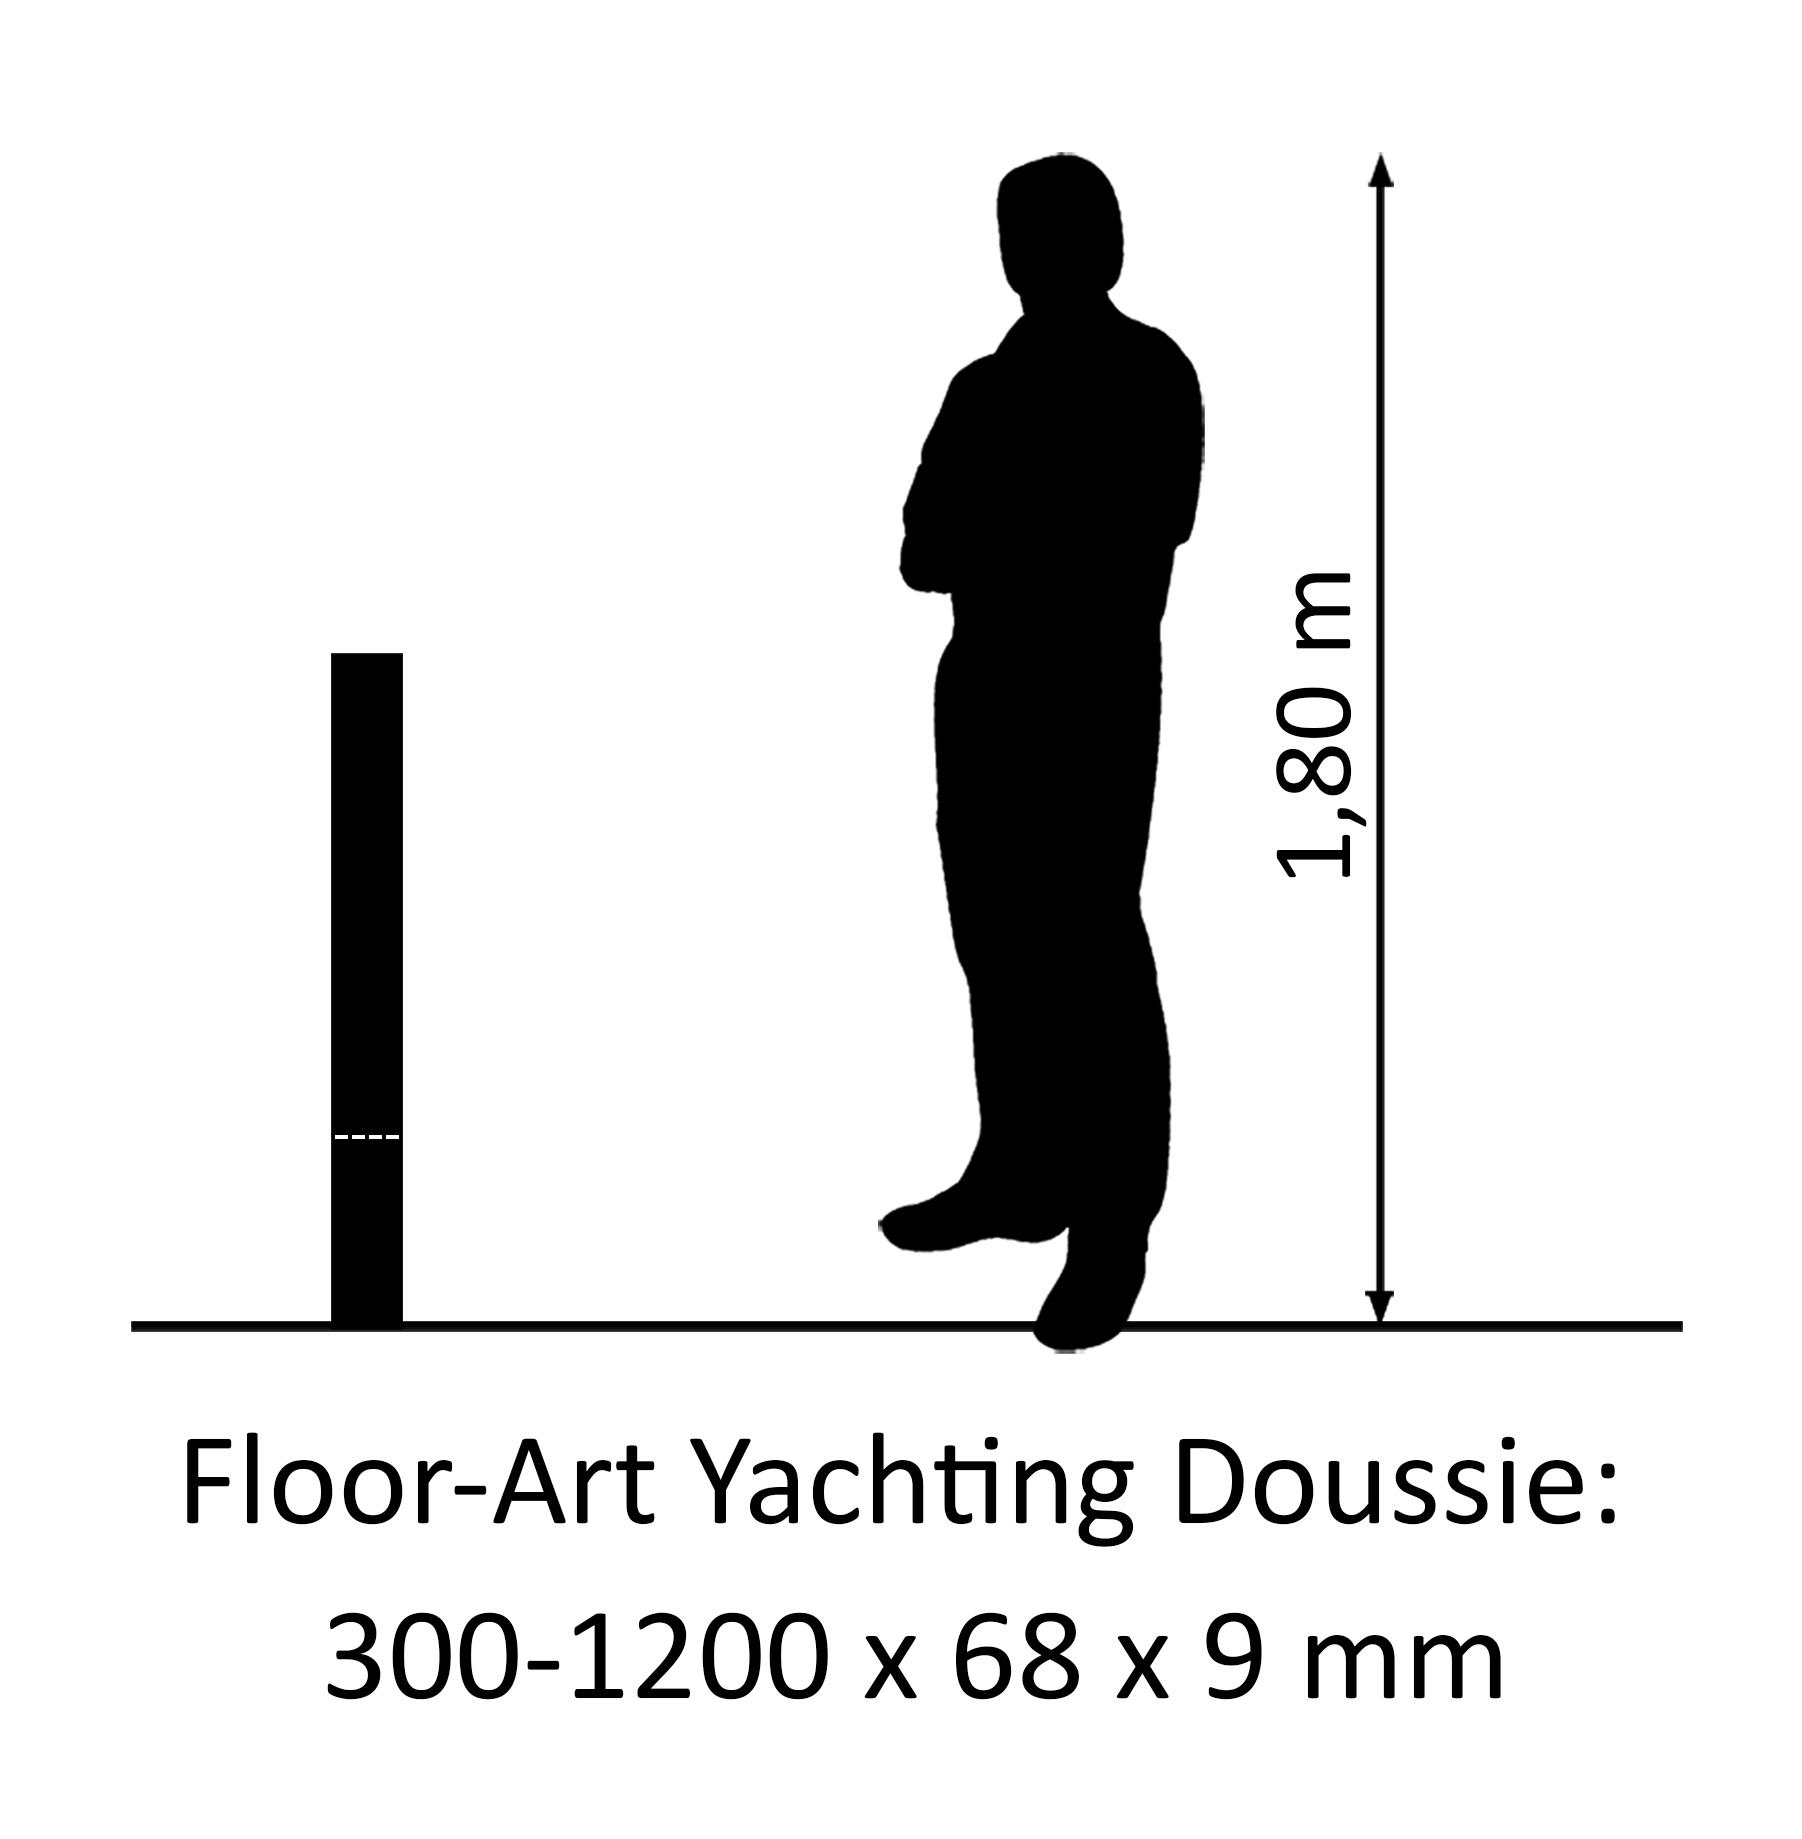 Floor-Art Yachting afrikanische Doussie